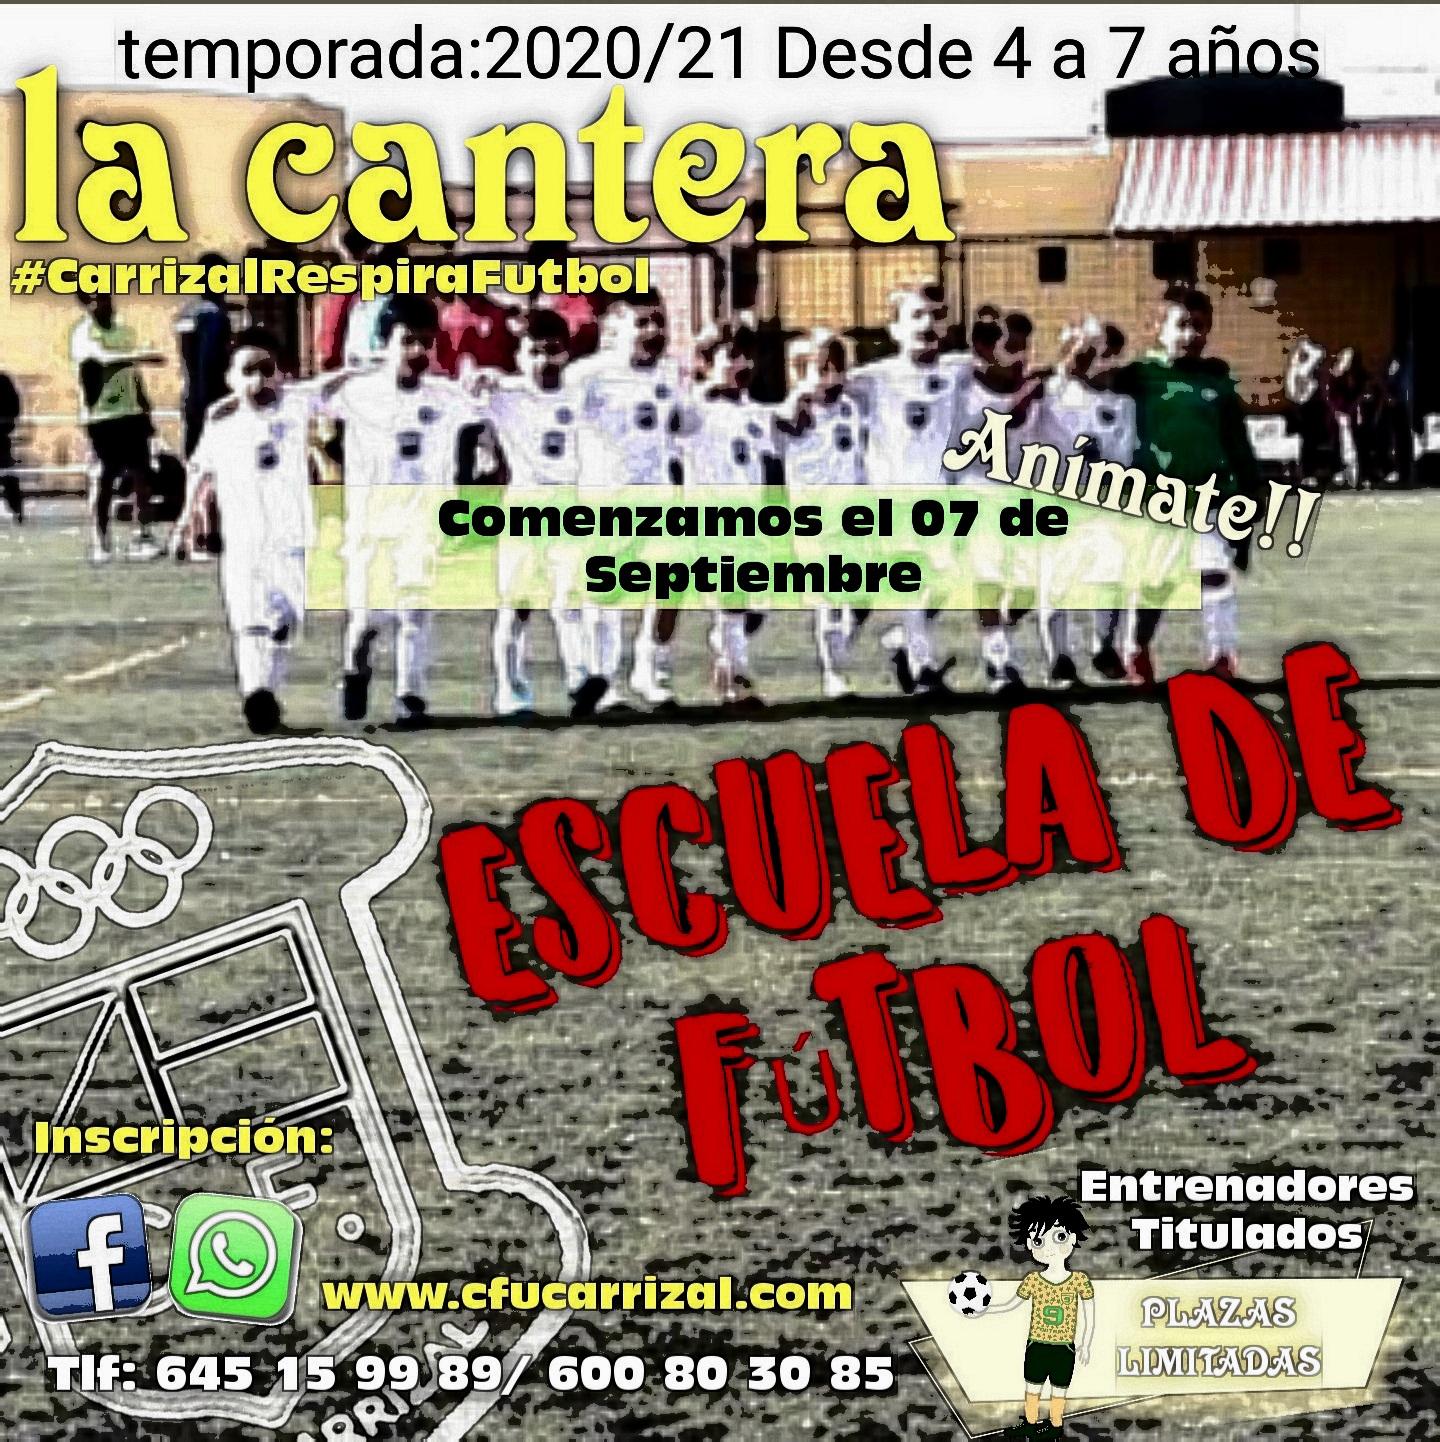 sdsEscuela de Fútbol, Información sobre el curso 2020/2021